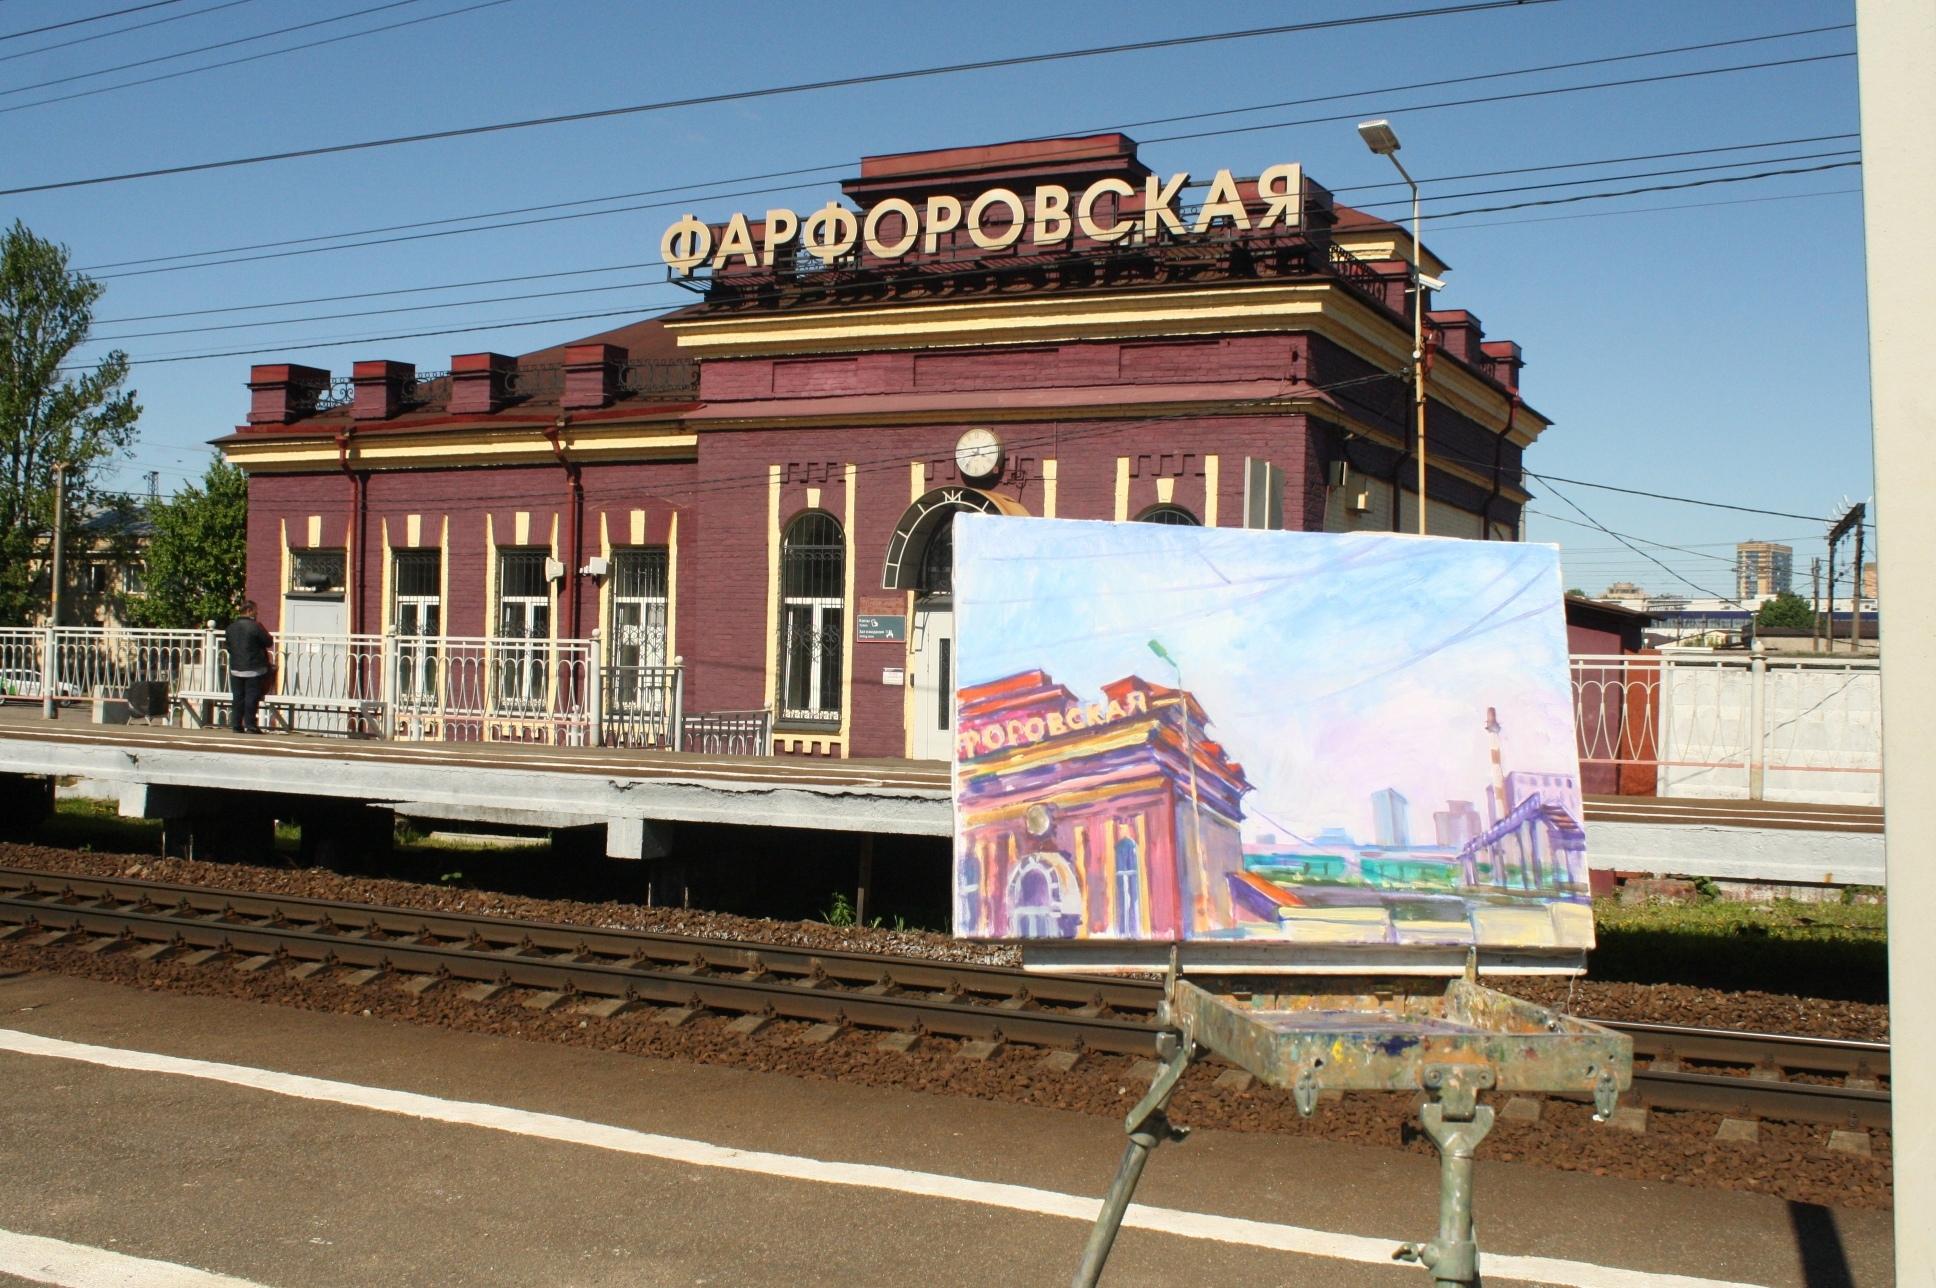 Художники написали Фарфоровский мост